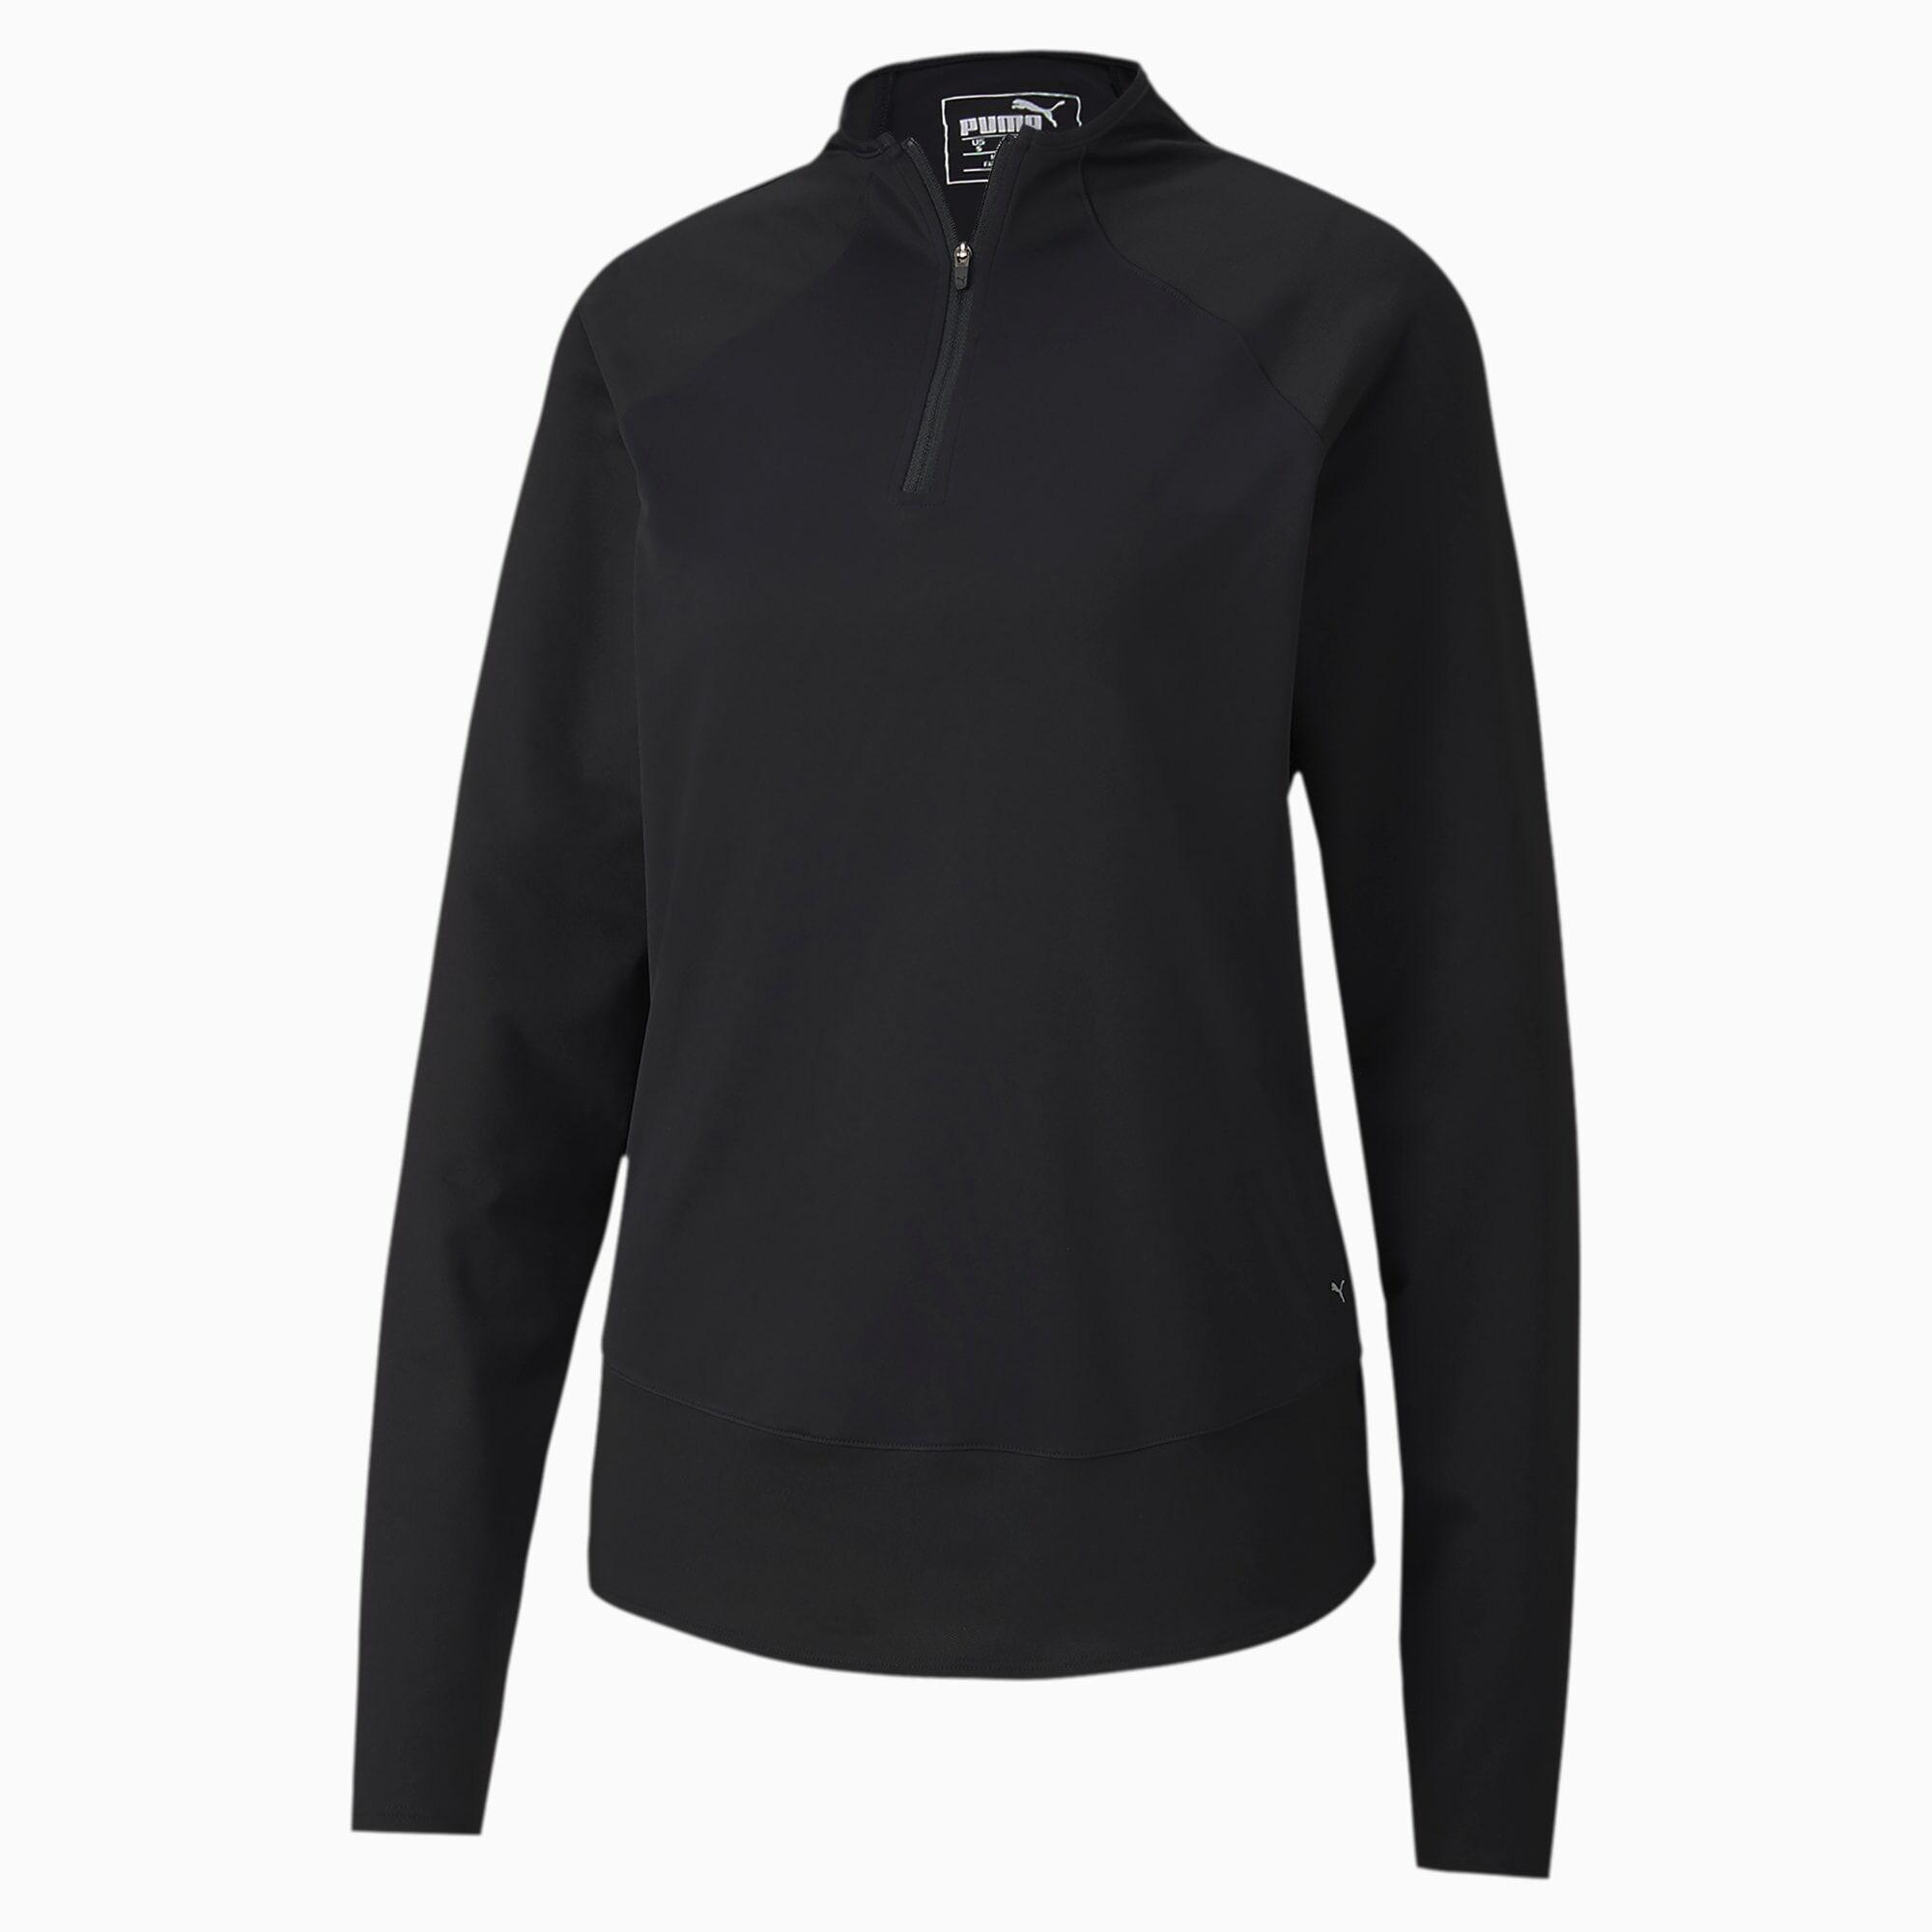 PUMA Pull de golf Mesh 1/4 Zip pour Femme, Noir, Taille M, Vêtements